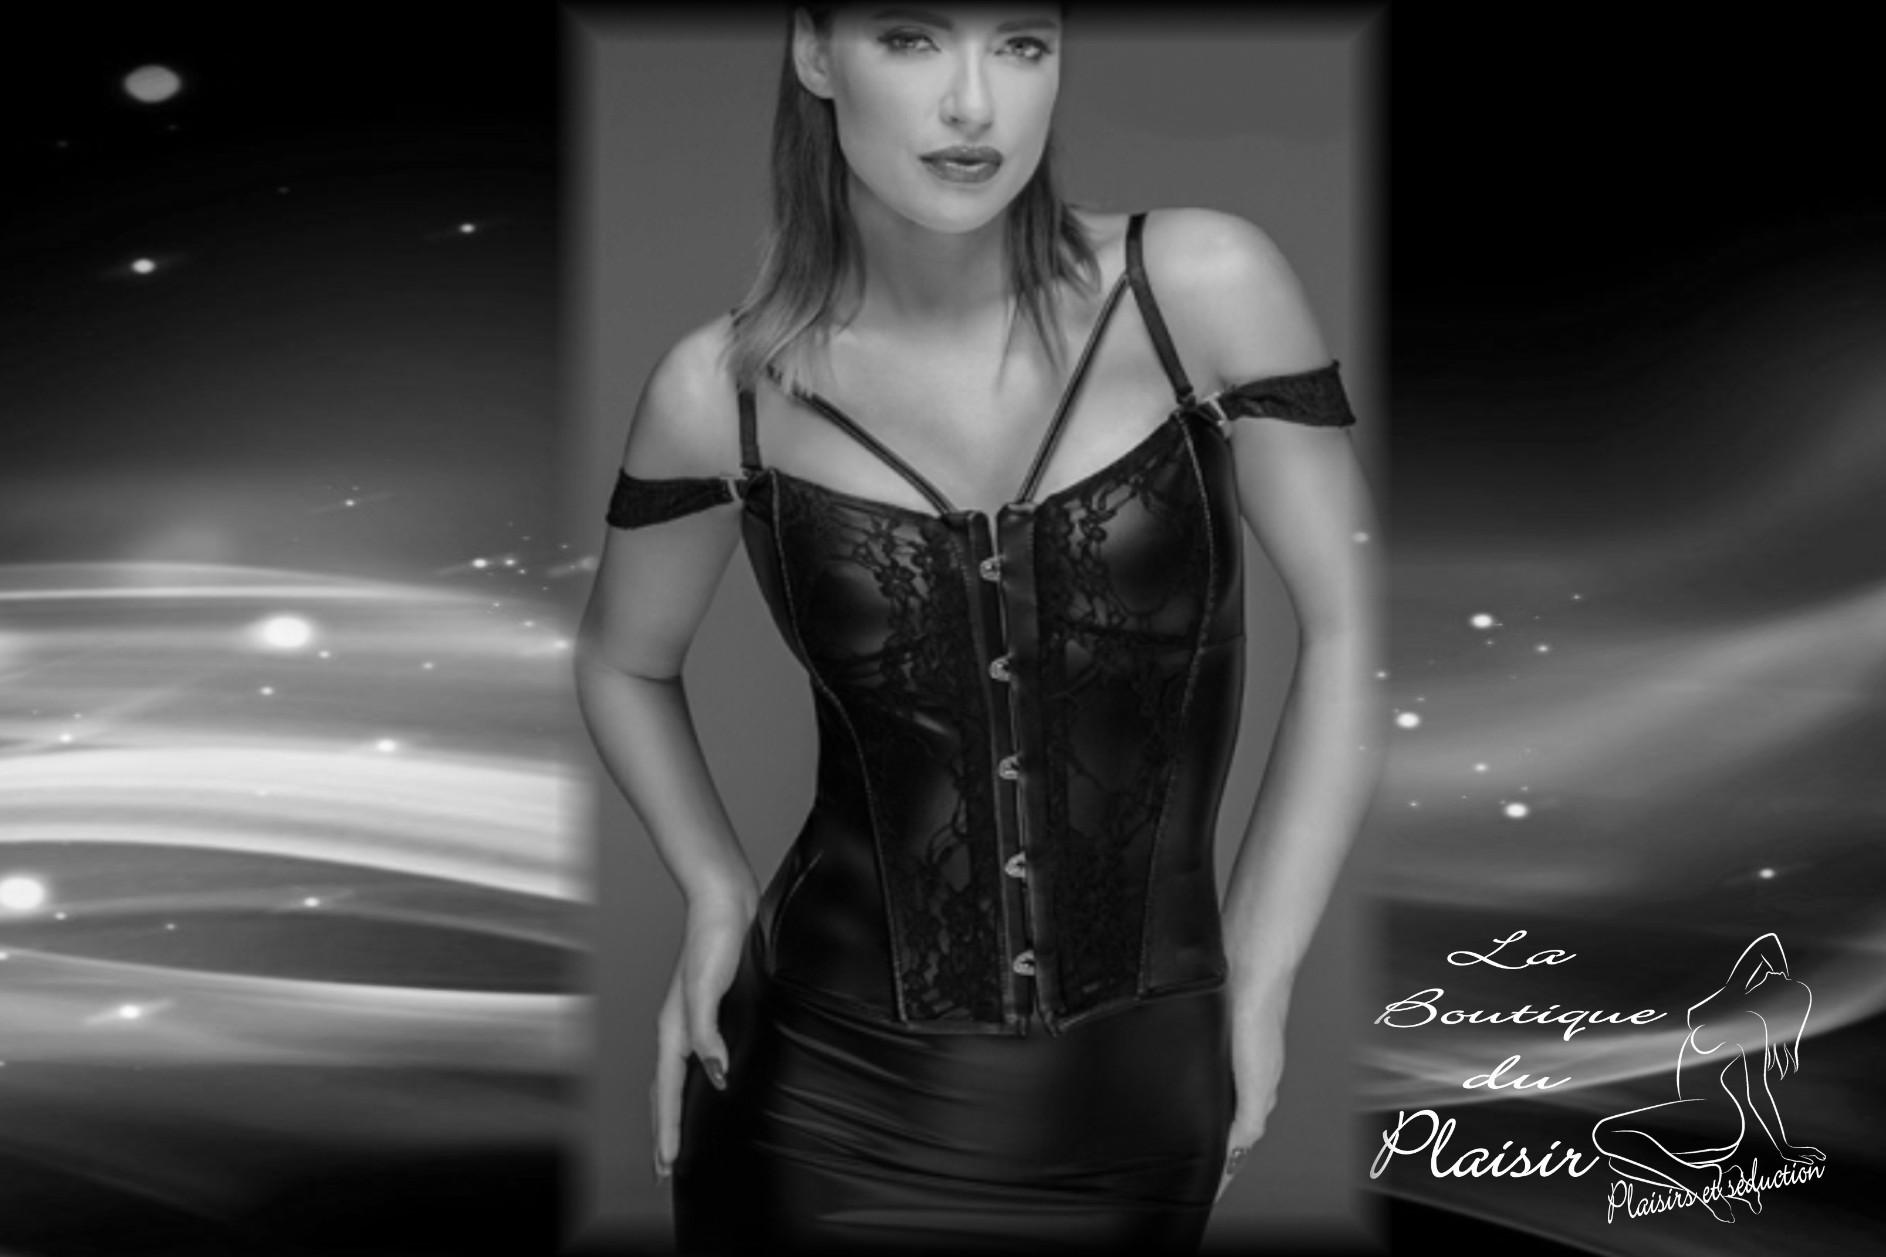 CORSETS. Découvrez la collection de corsets. La boutique du plaisir vous propose une très belle gamme de corsets pour des soirées coquines...